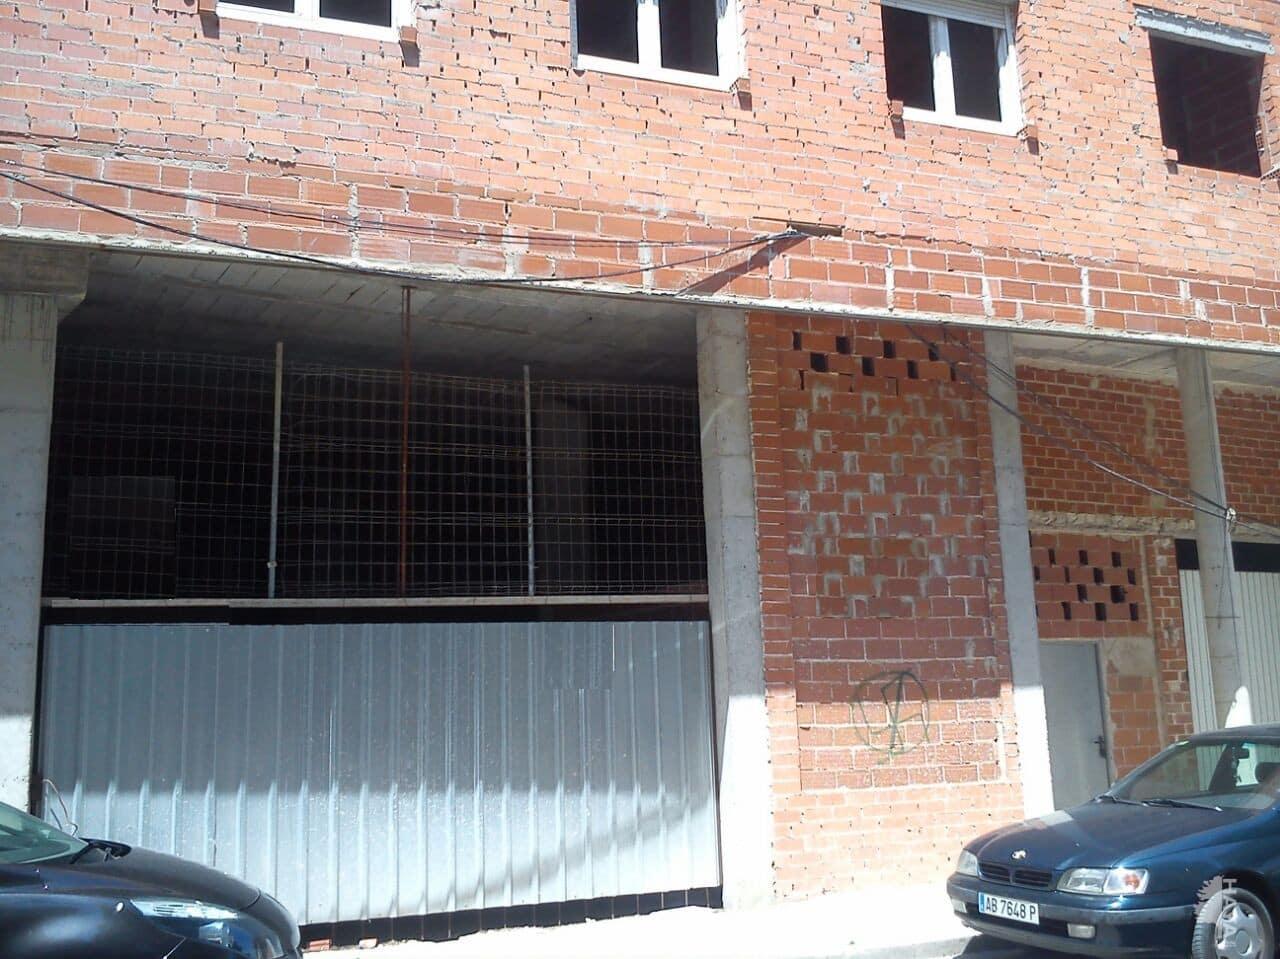 Piso en venta en La Roda, la Roda, Albacete, Paseo Juan Garcia Glz, 41.400 €, 1 habitación, 1 baño, 95 m2